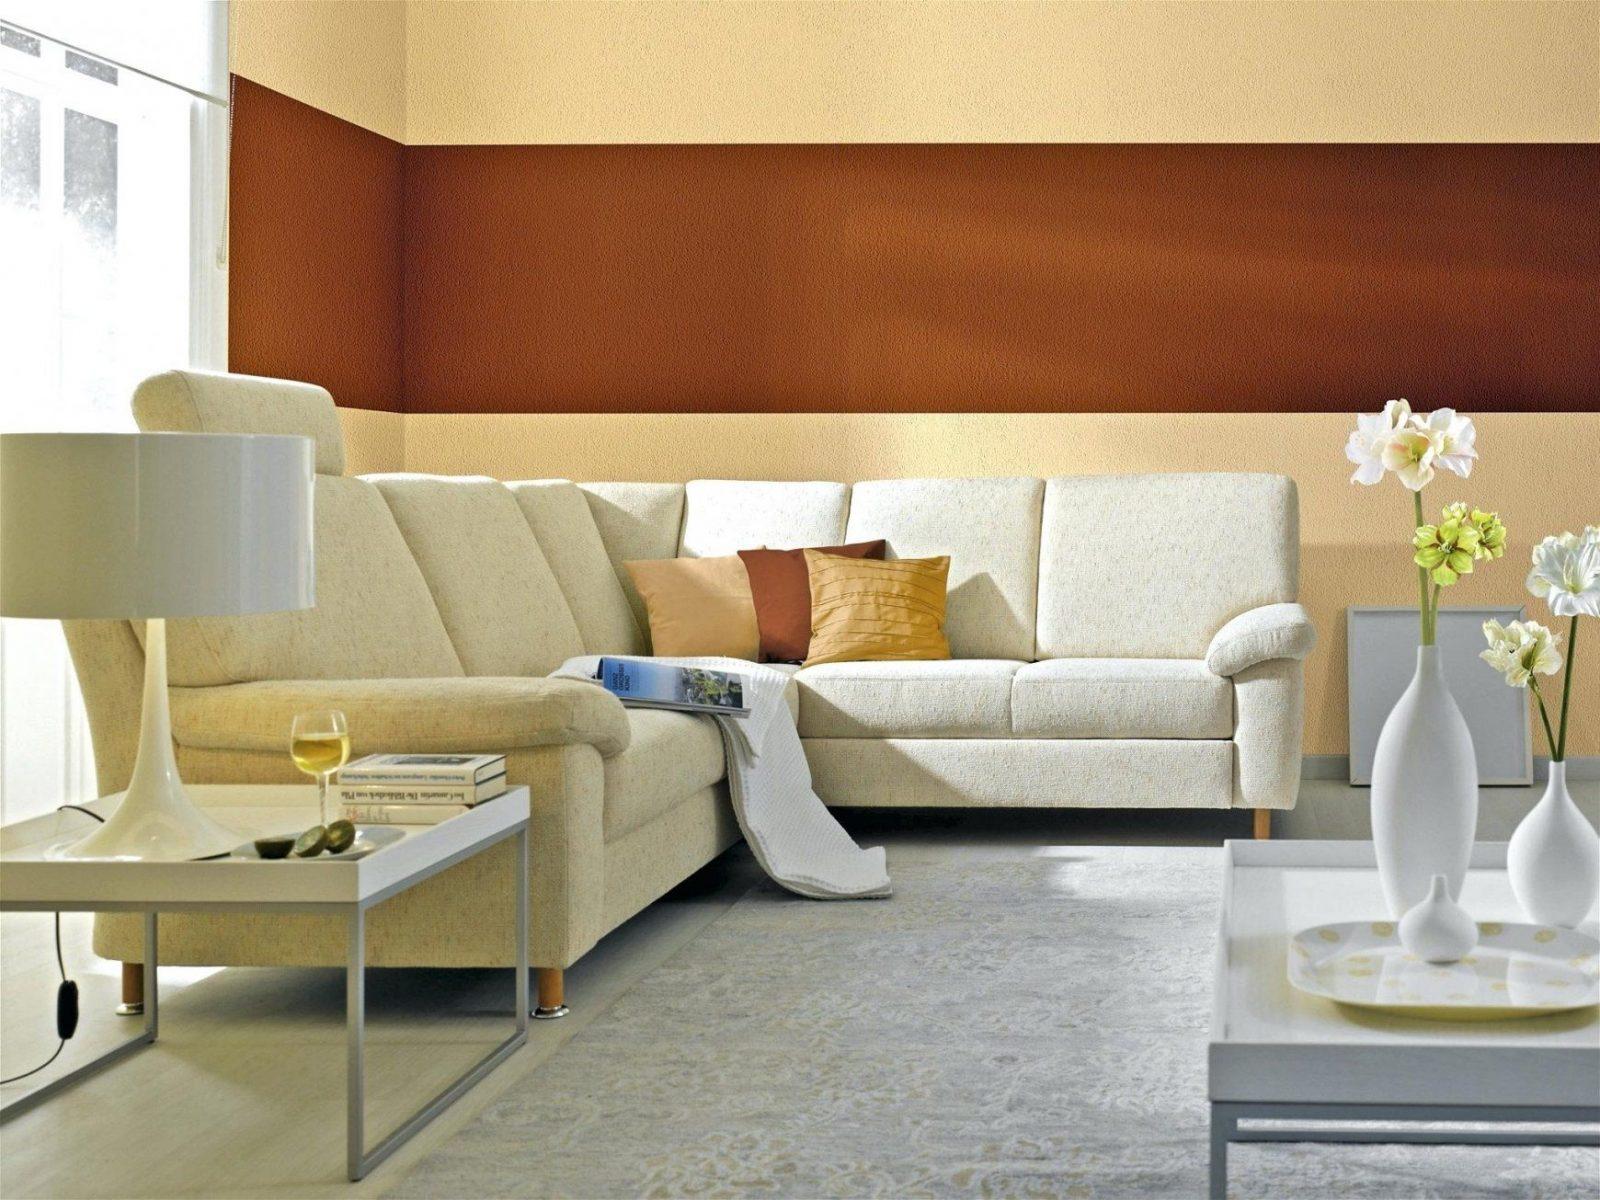 Am Besten Wohnideen Wohnzimmer Braun Weis Konzept Kof Syunpuu von Wohnzimmer Farblich Gestalten Braun Bild